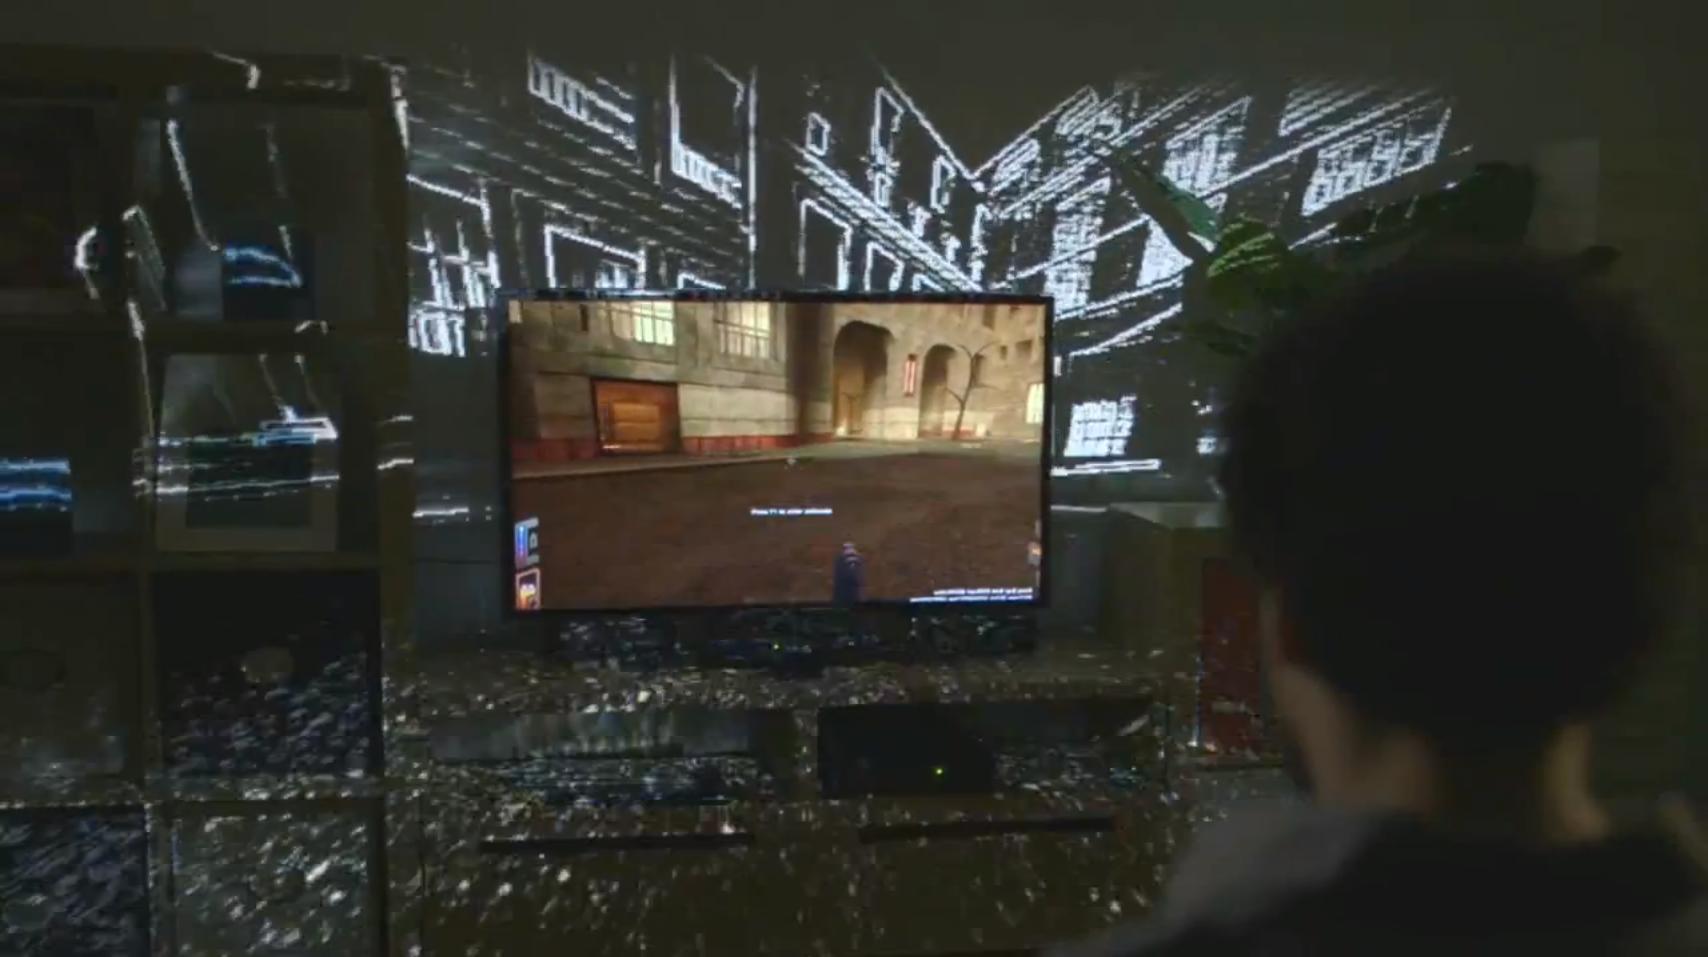 마이크로소프트 리서치의 일루미룸(IllumiRoom) 프로젝트 (출처: 마이크로소프트 리서치 @유튜브)